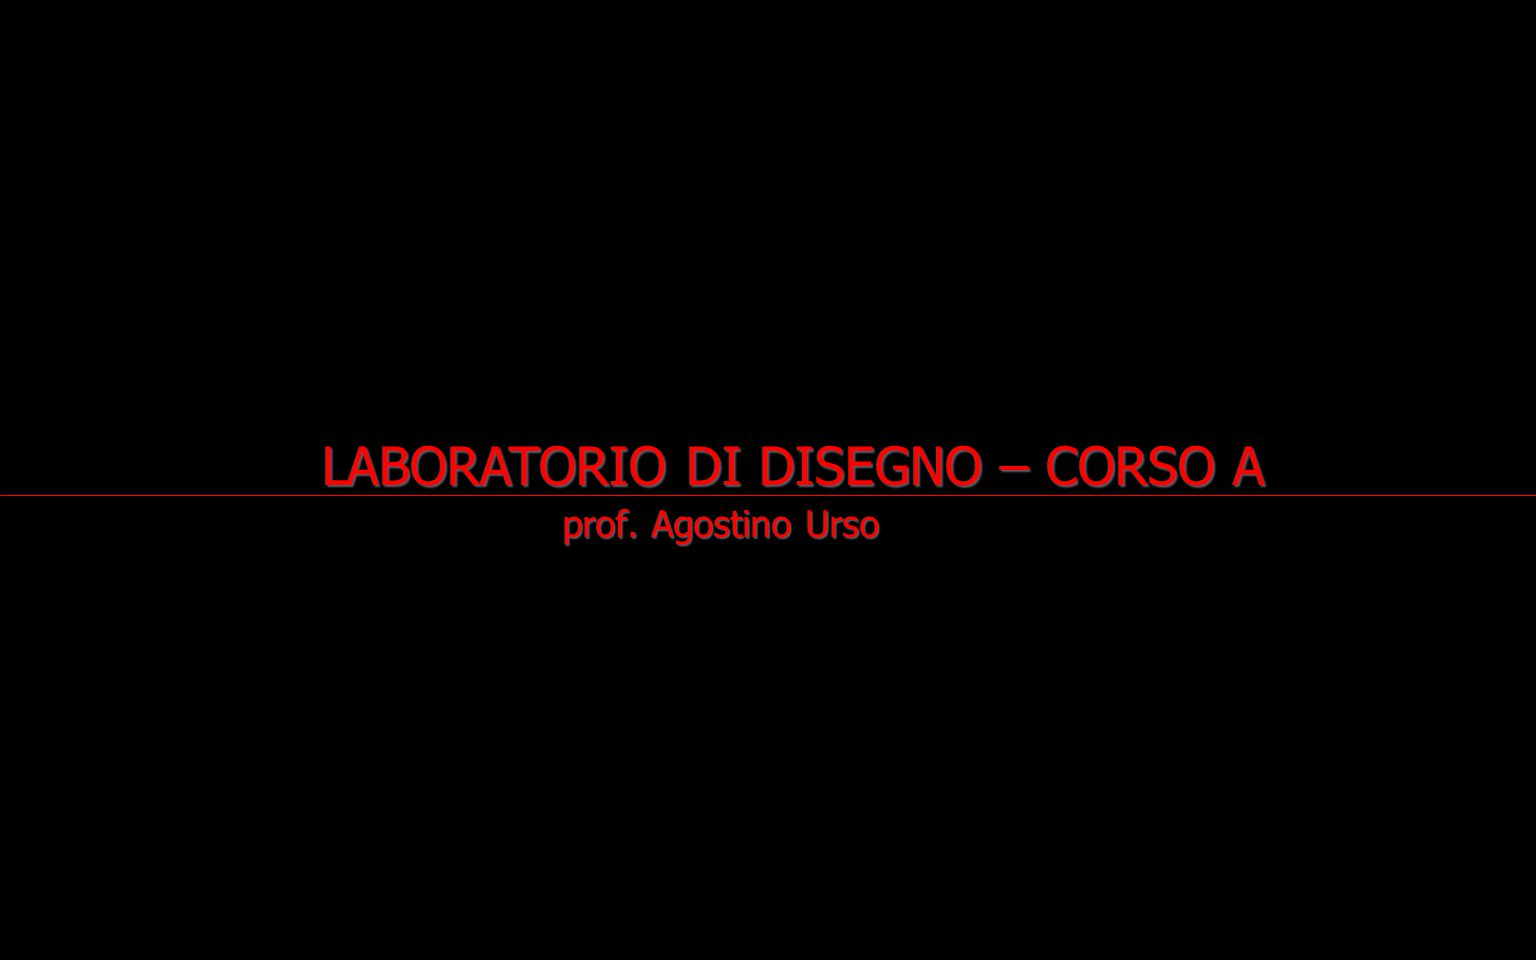 LABORATORIO DI DISEGNO – CORSO A